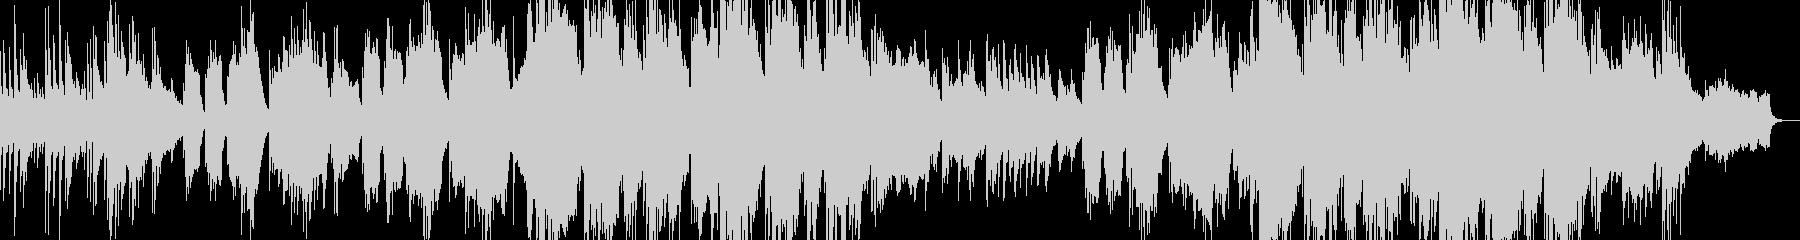 ピアノとバイオリンの感動的なバラードの未再生の波形